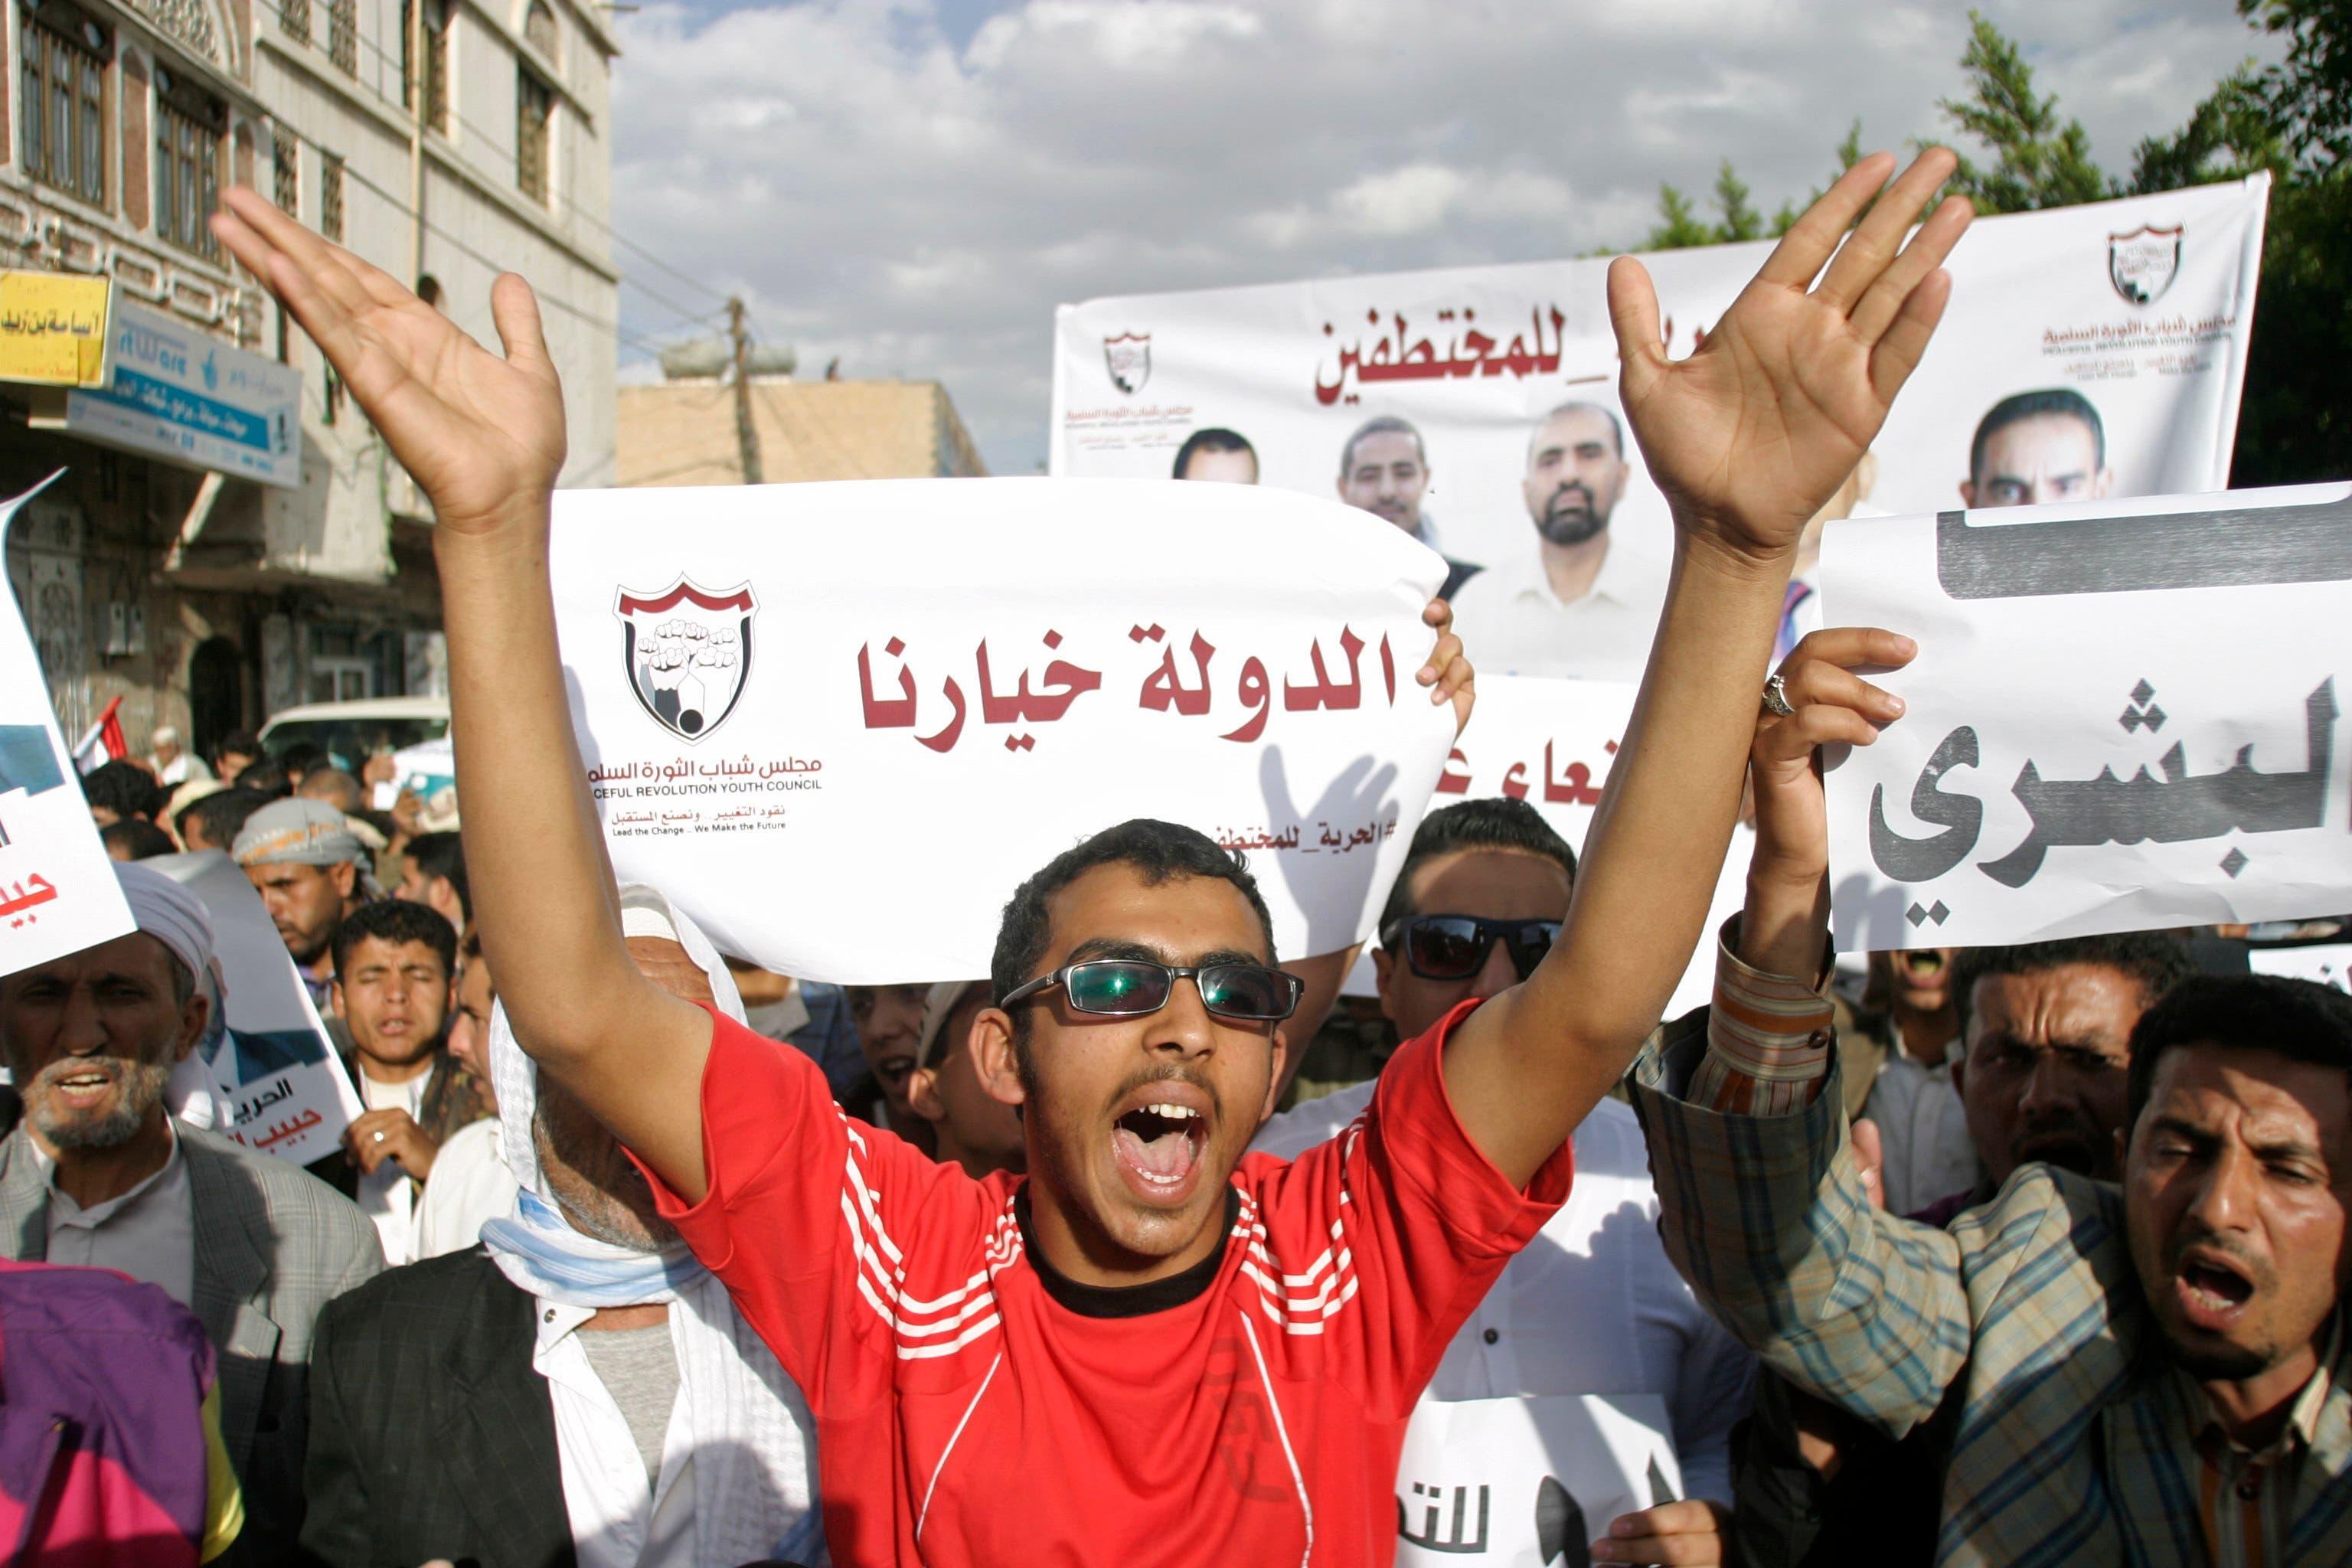 مظاهرة في صنعاء ضد الحوثيين